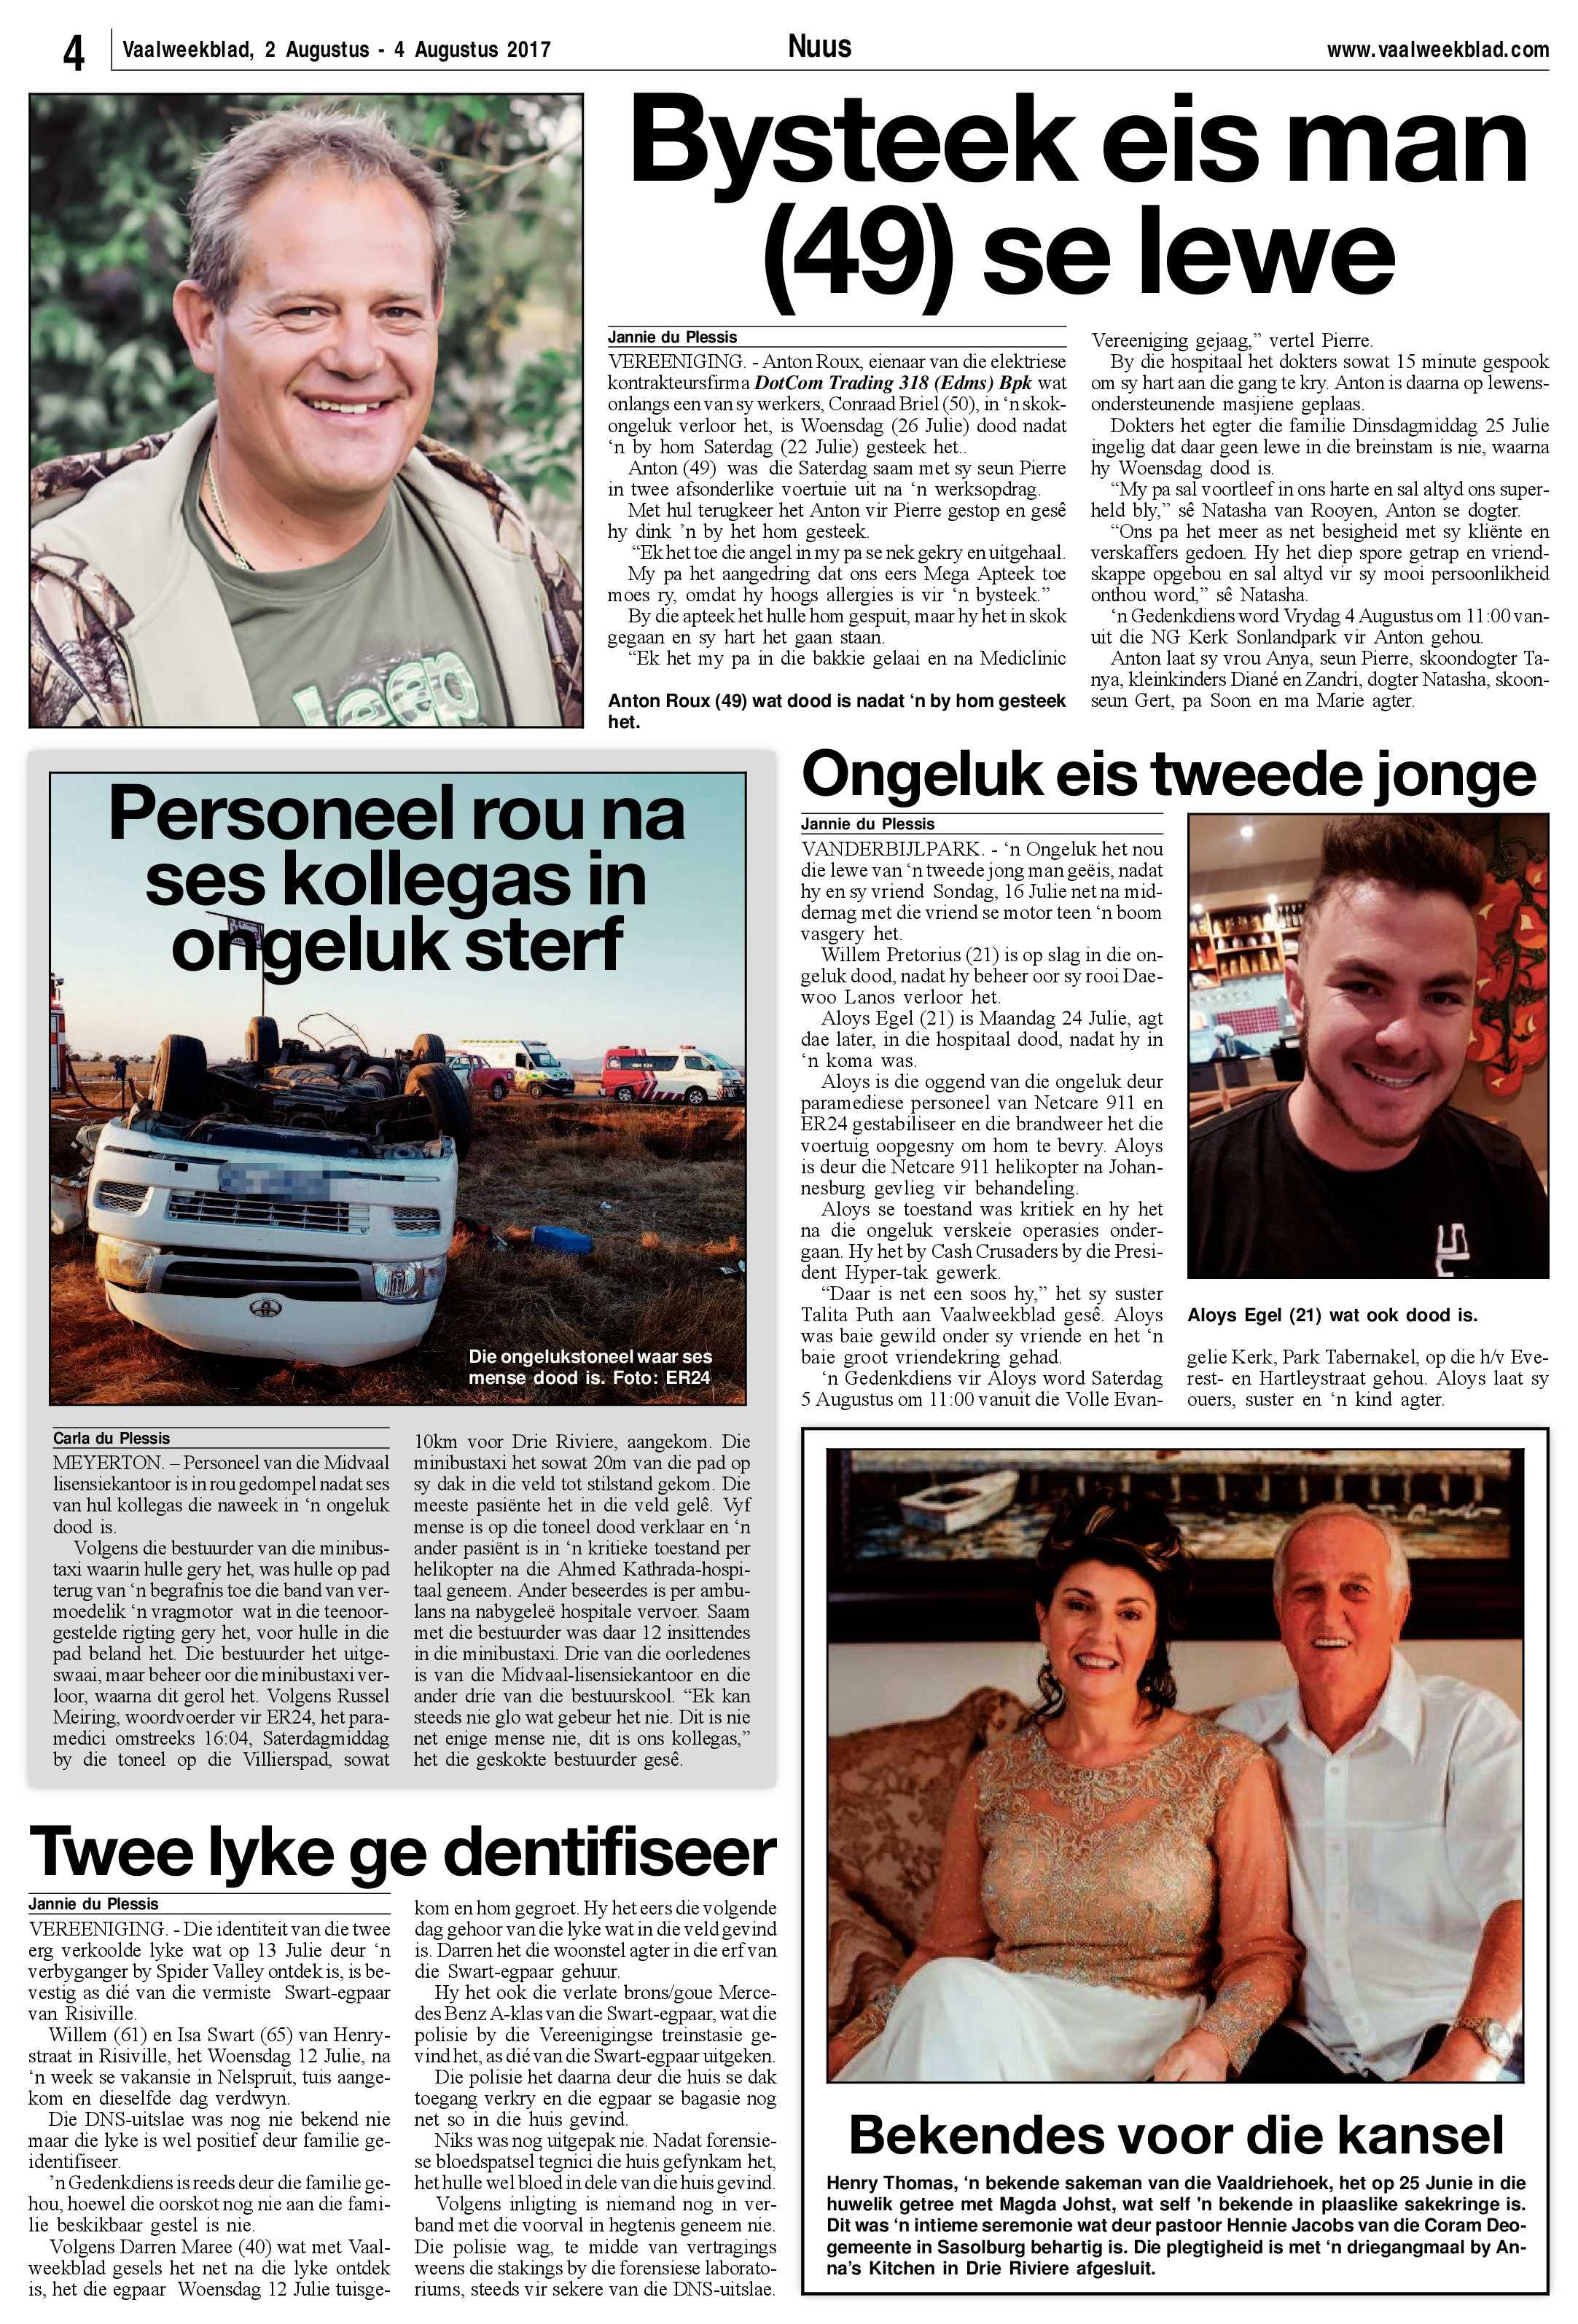 vaalweekblad-2-4-augustus-2017-epapers-page-4